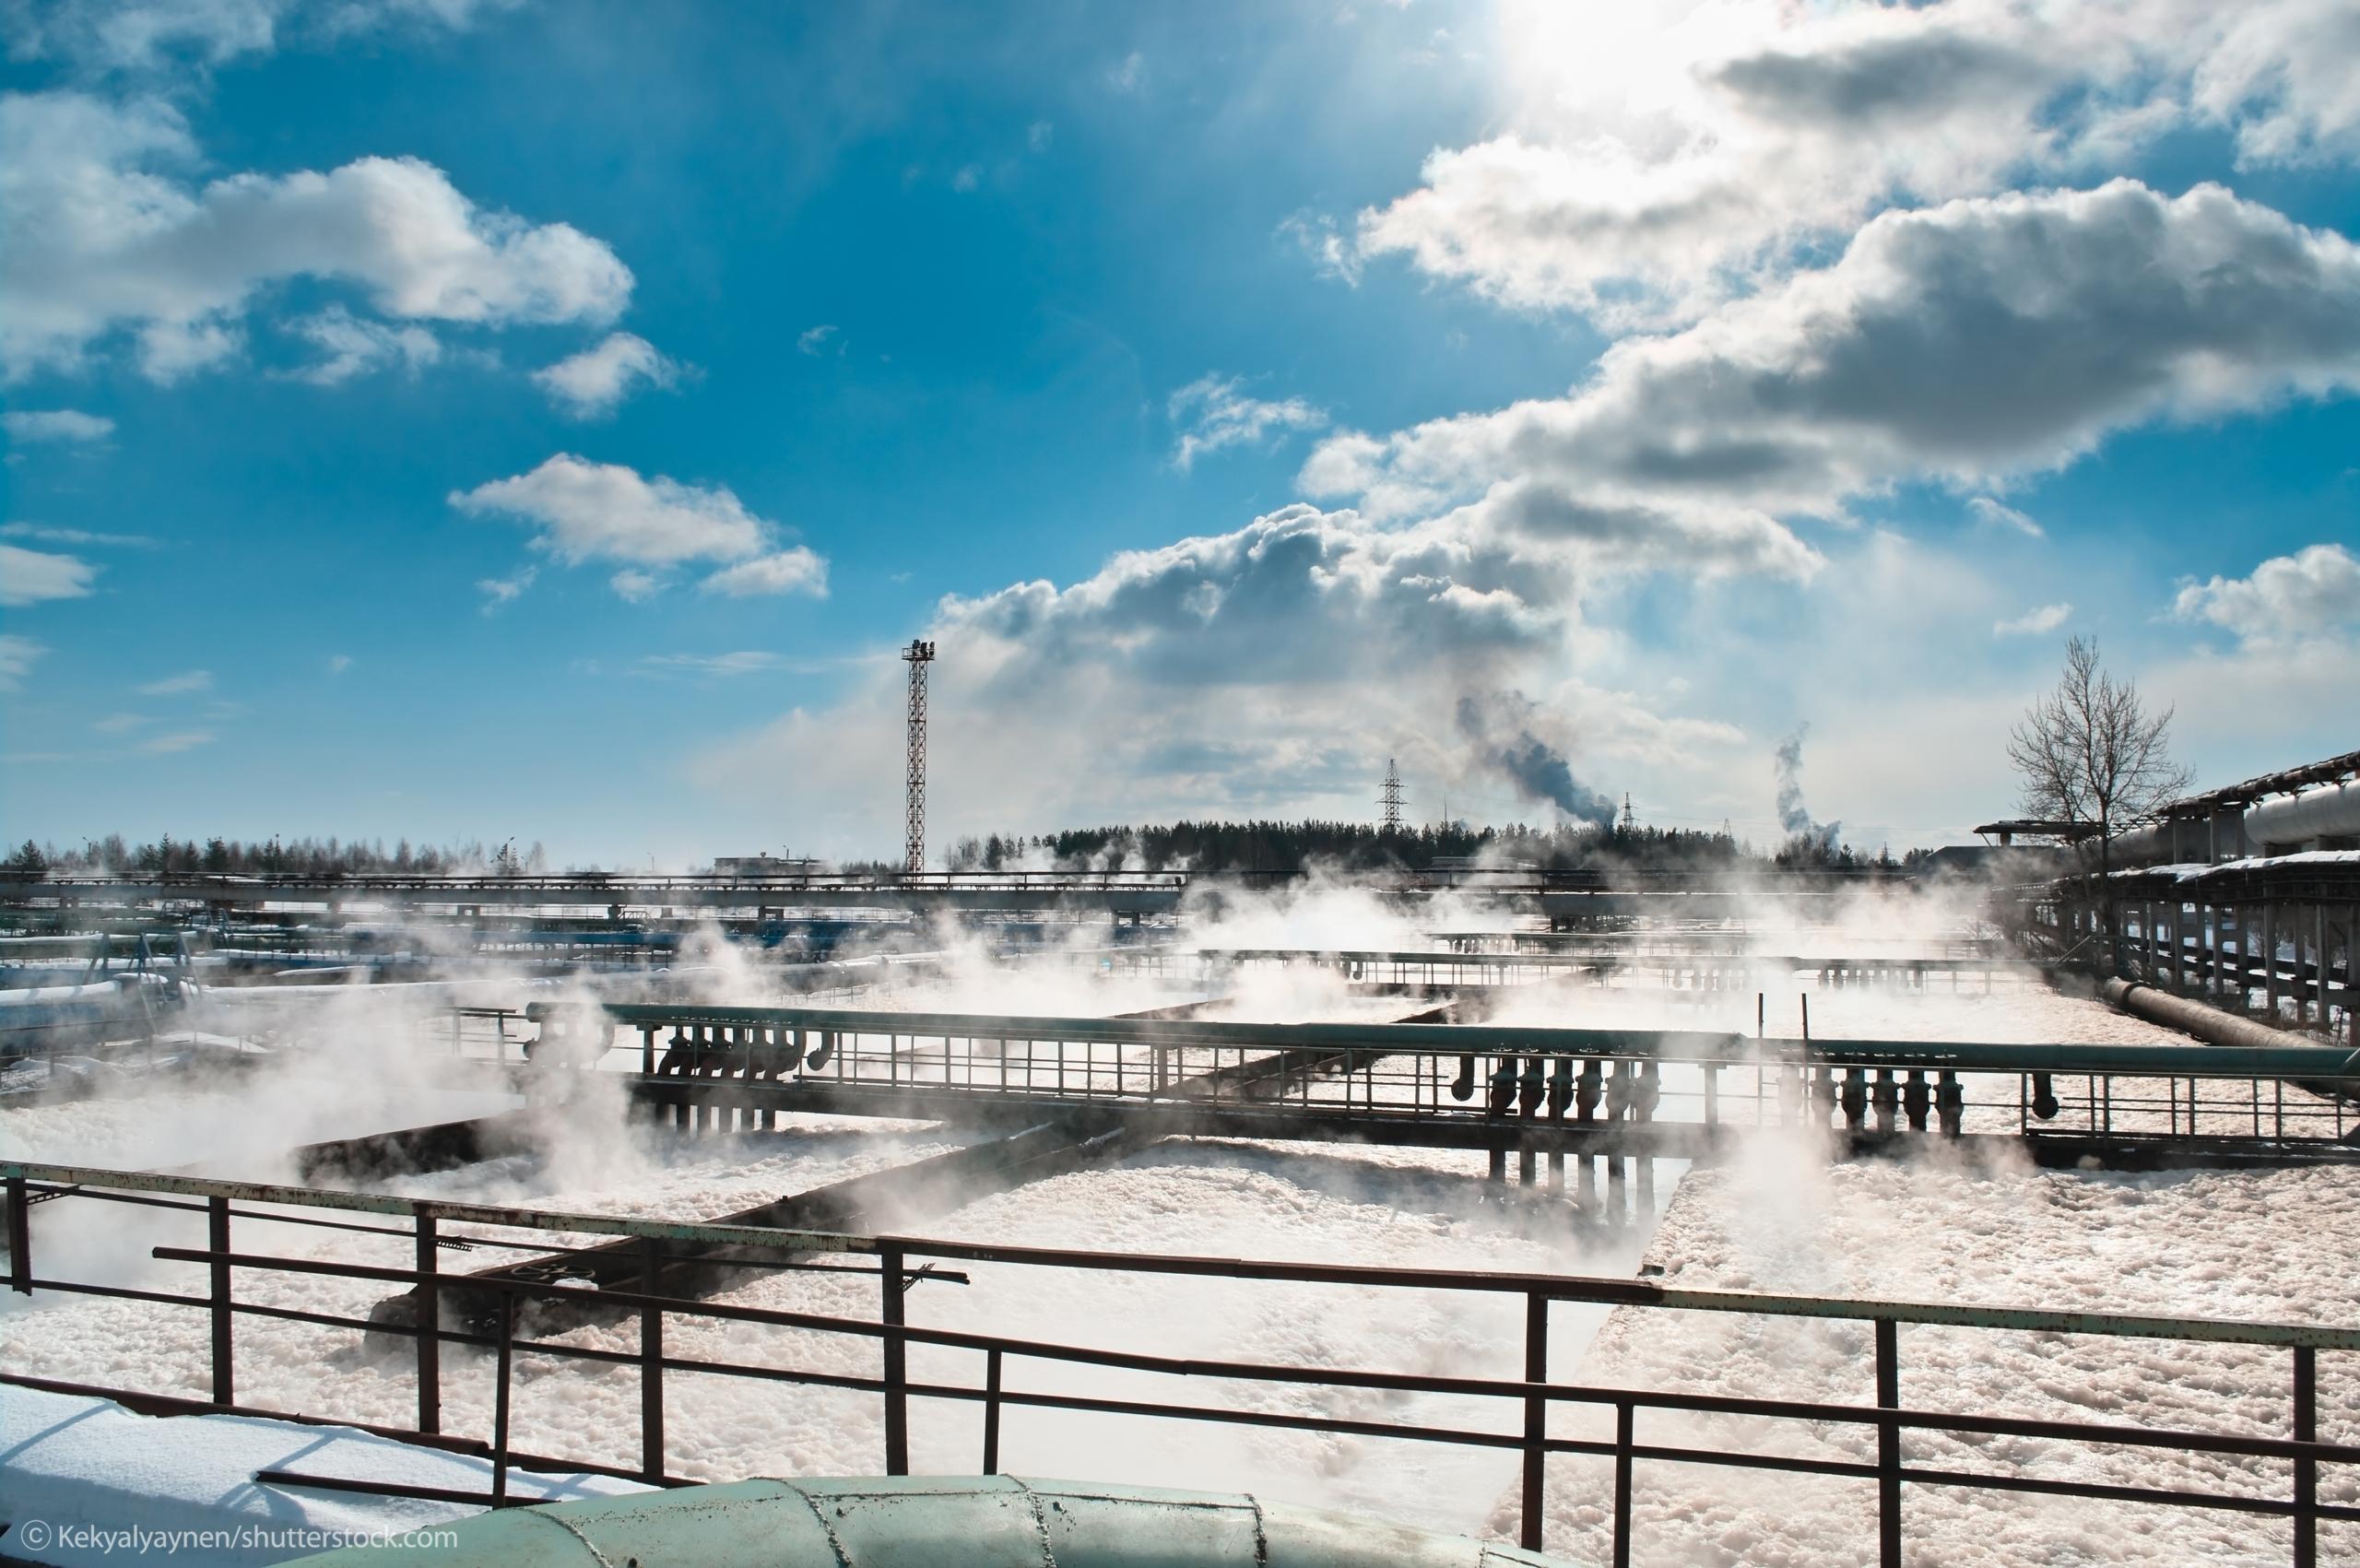 Planung Abwasserbehandlung Chemische industrie